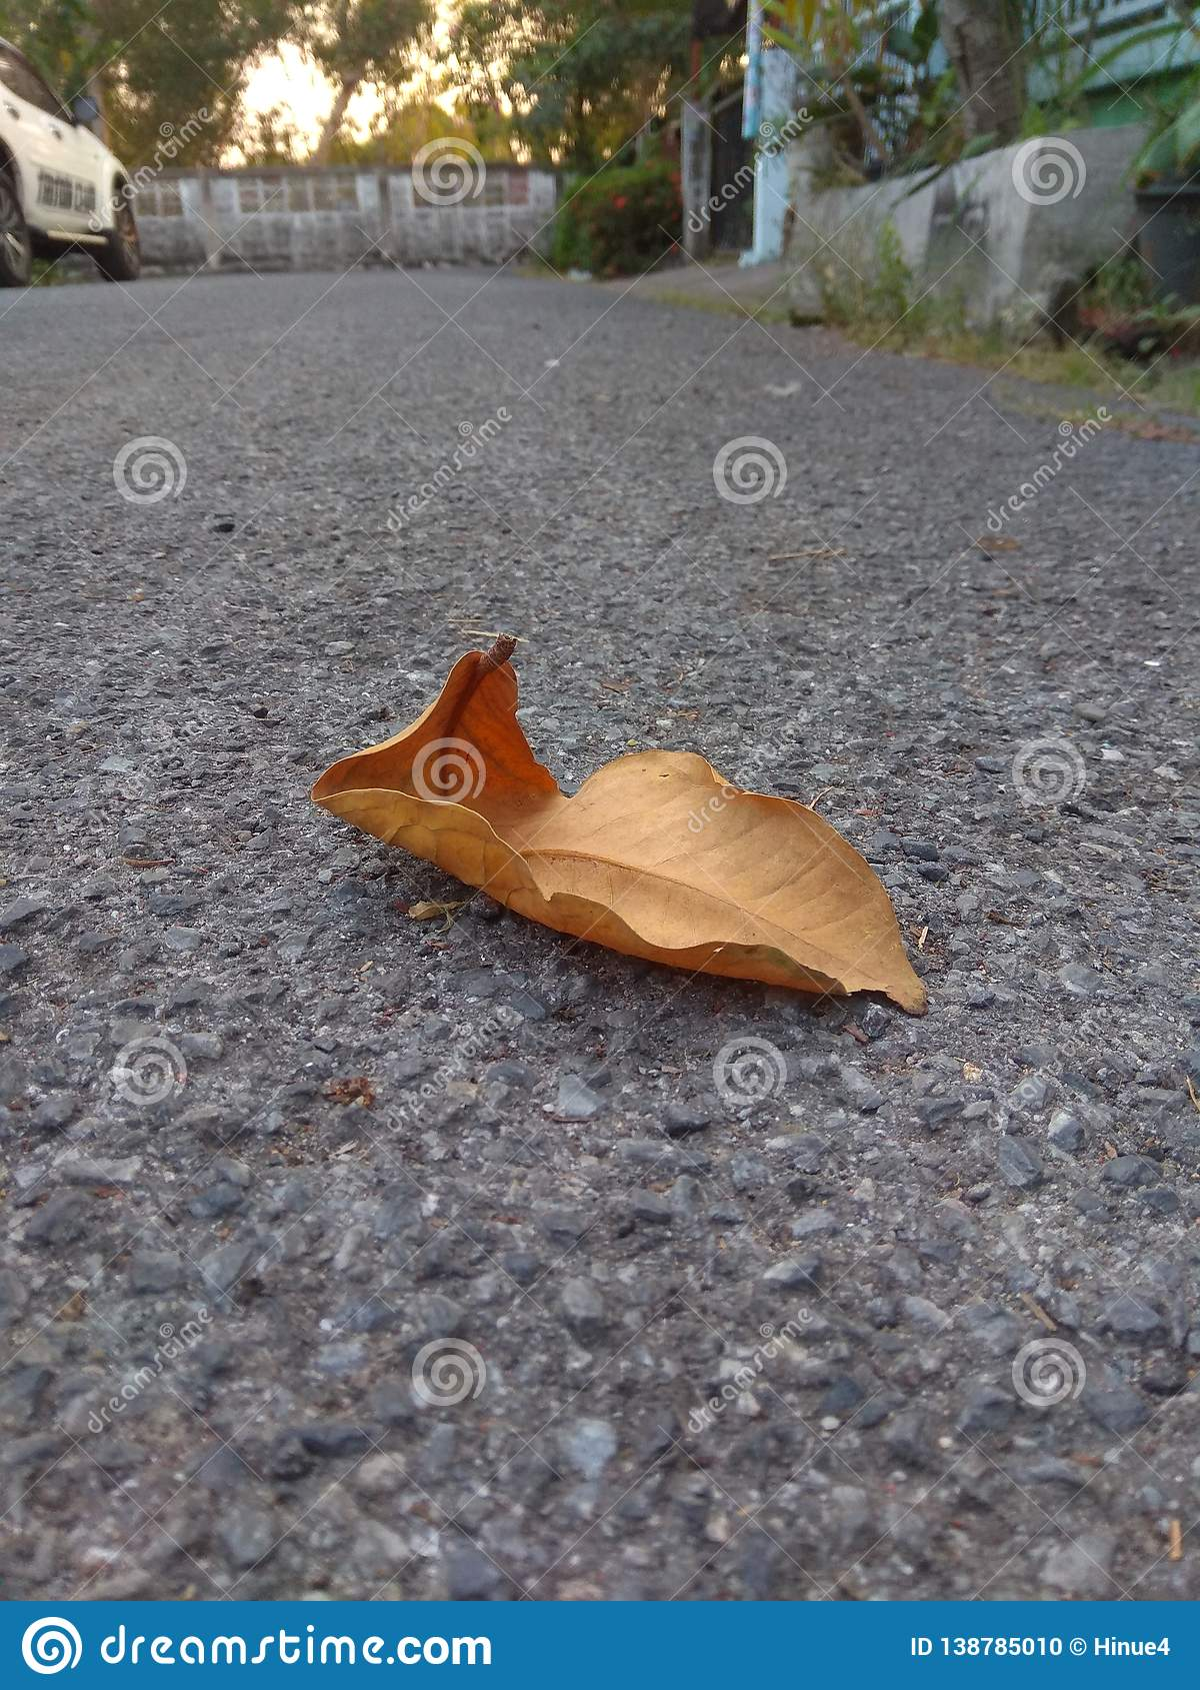 Una hoja seca caida en el piso del camino concreto